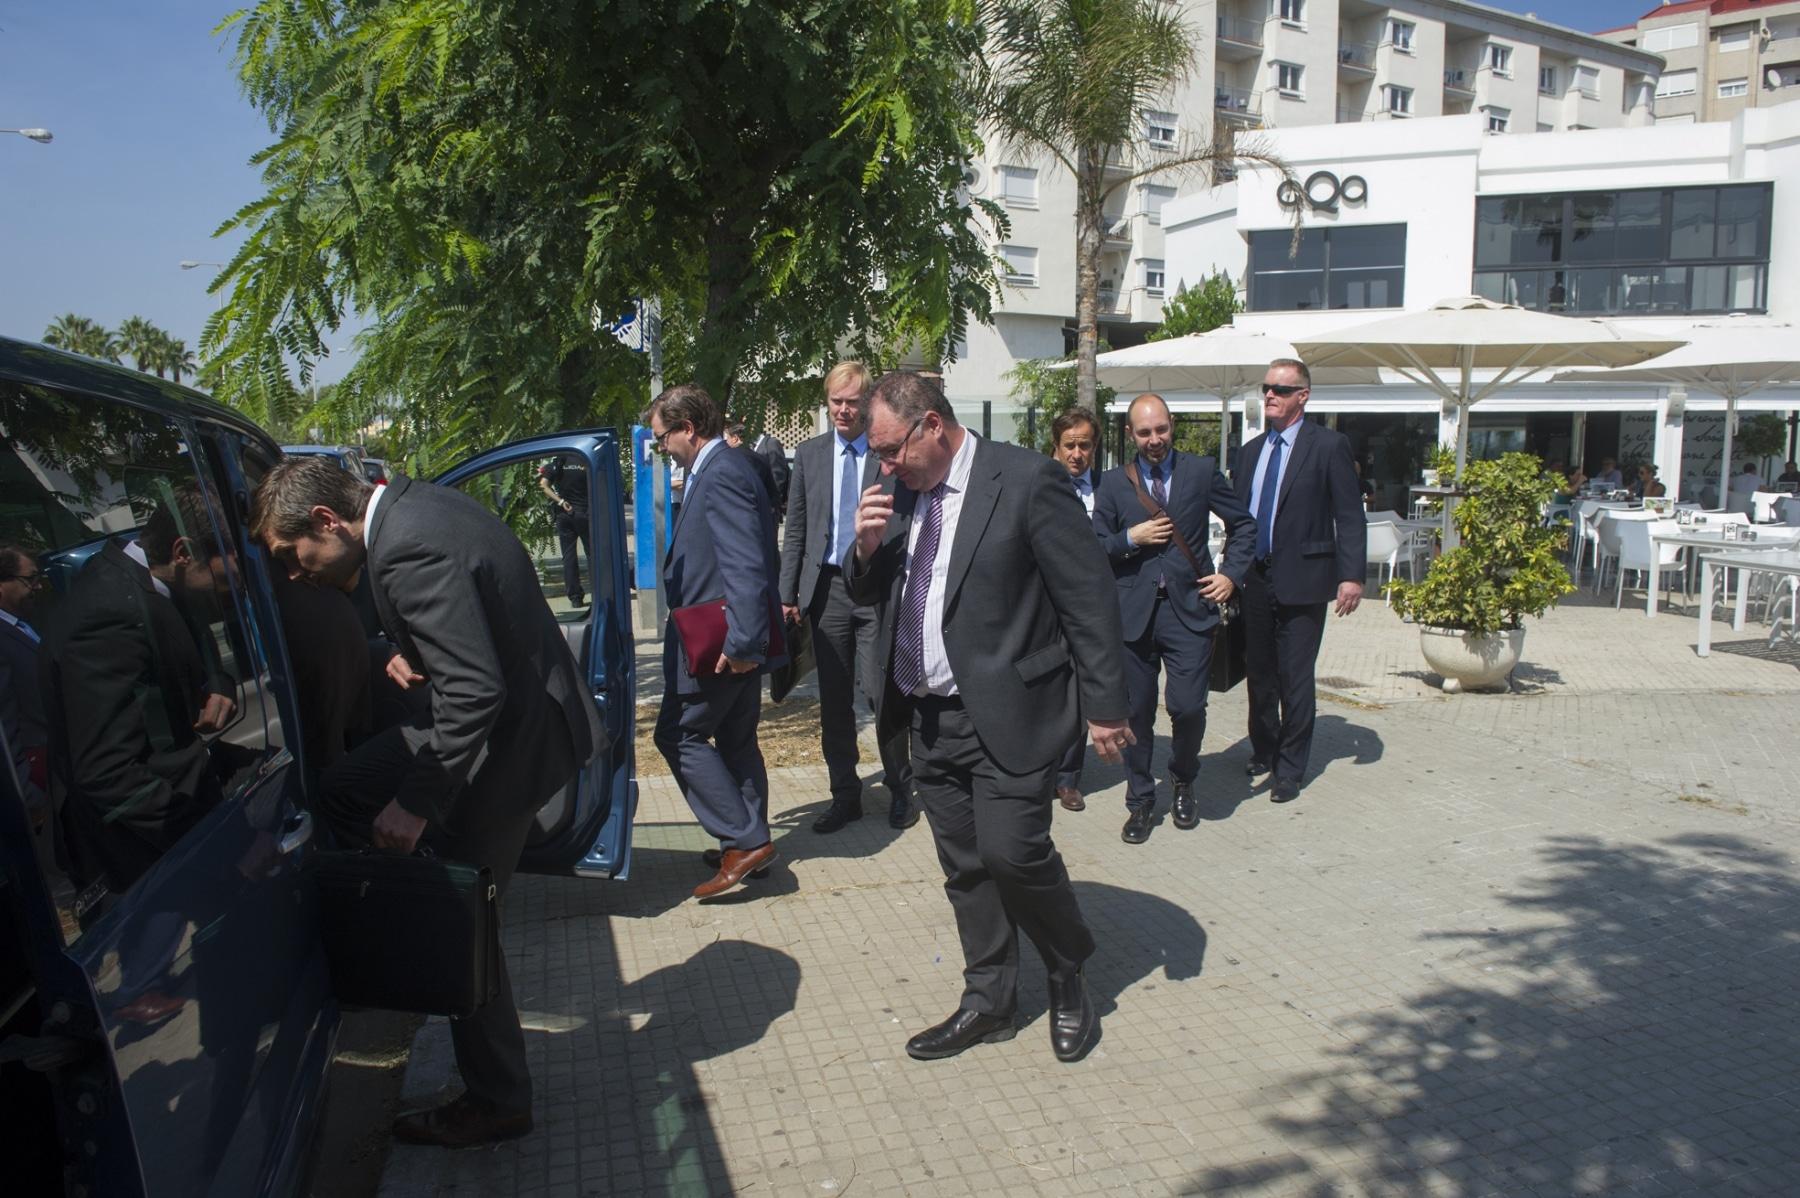 La Línea de la Concepción, 25 septiembre 2013. La Comisión Europea saliendo del Restaurante Aqua para dirigirse a la frontera de Gibraltar. MARCOS MORENO